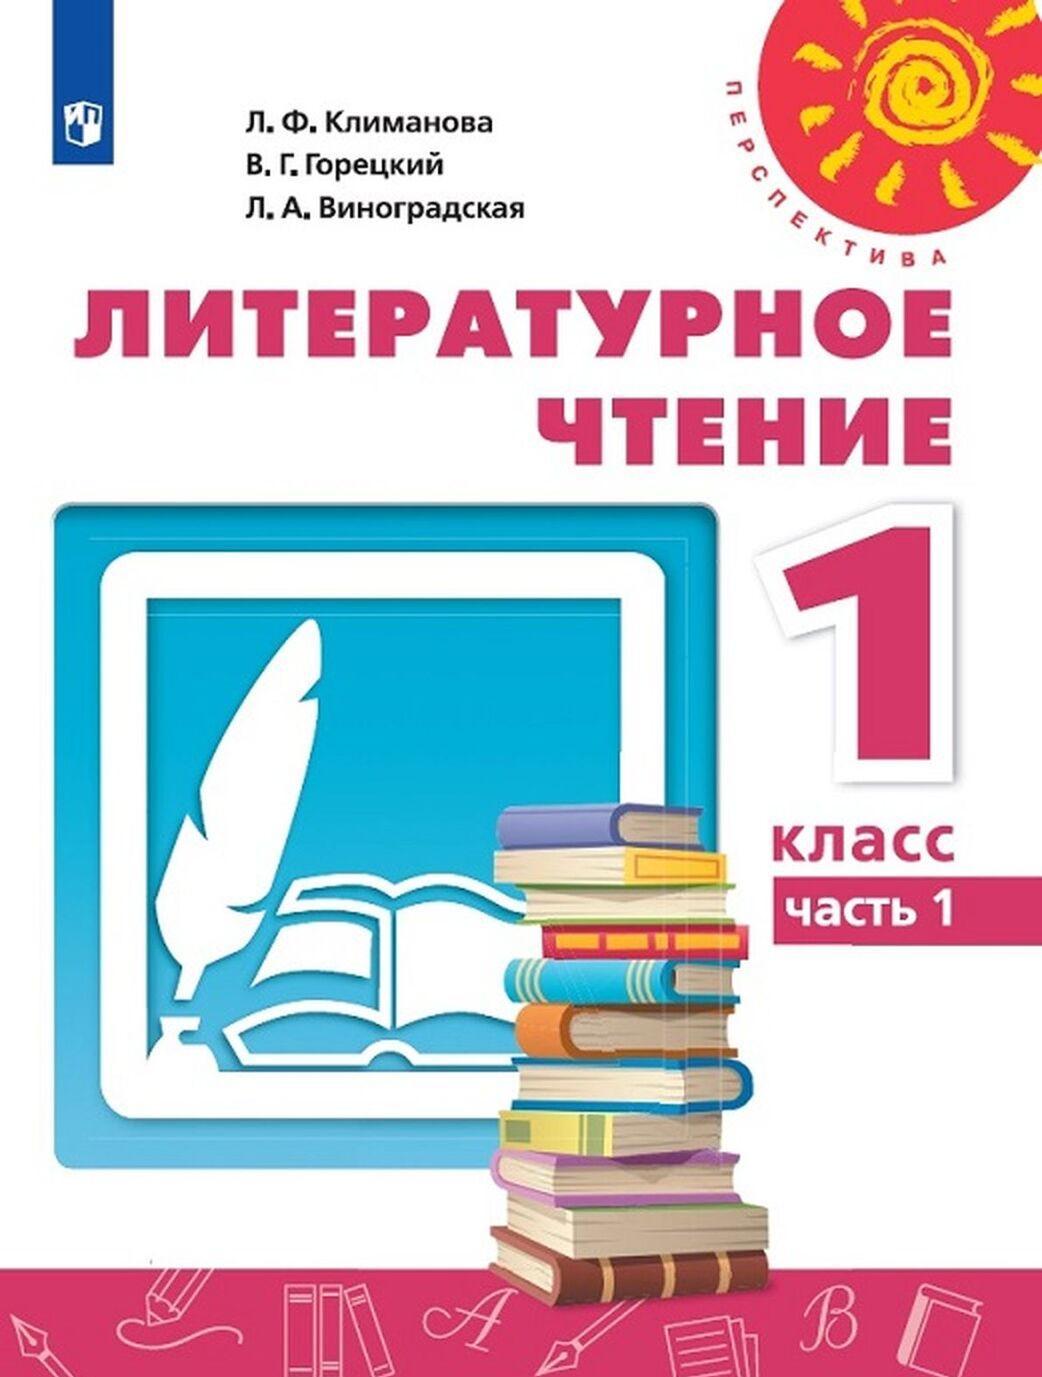 Literaturnoe chtenie. Uchebnik. 1 klass. V 2-kh chastjakh. Chast 1